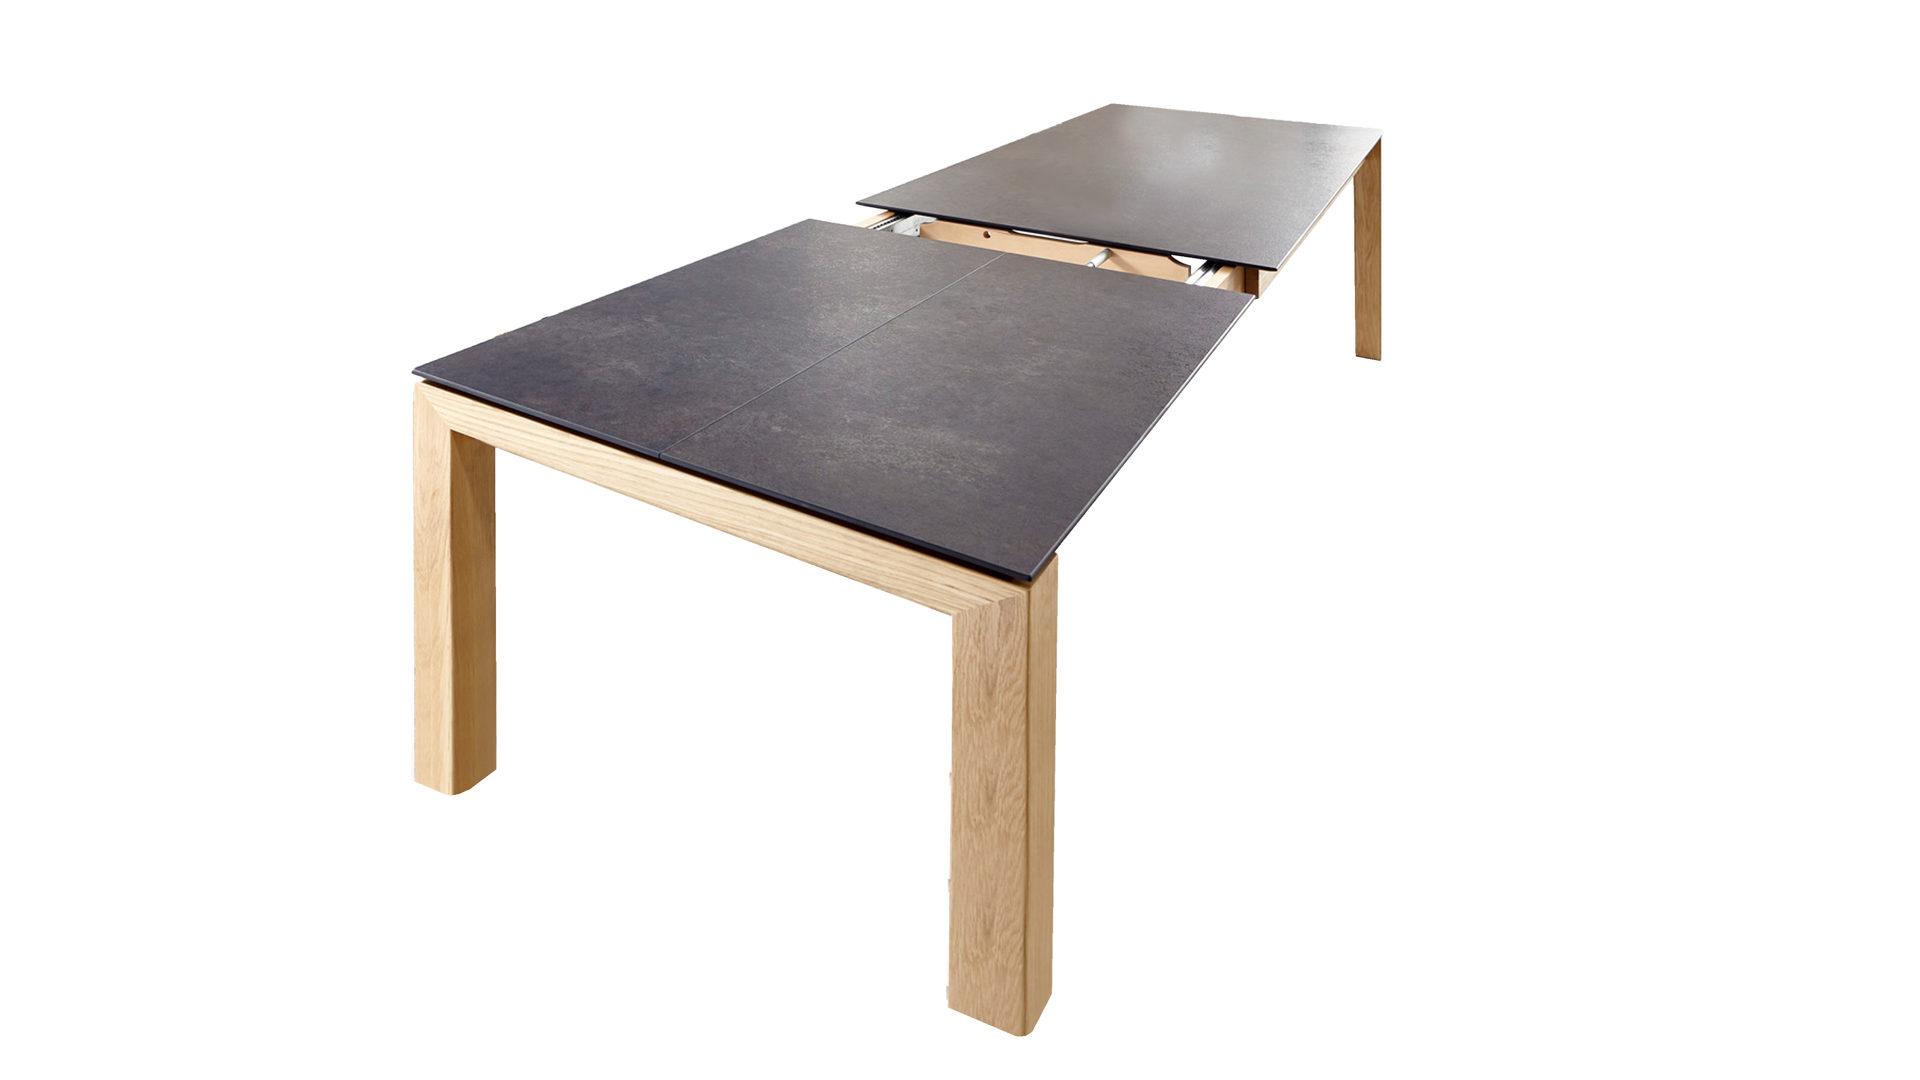 Möbel Bohn Crailsheim, Räume, Esszimmer, Tische, ausziehbarer ...